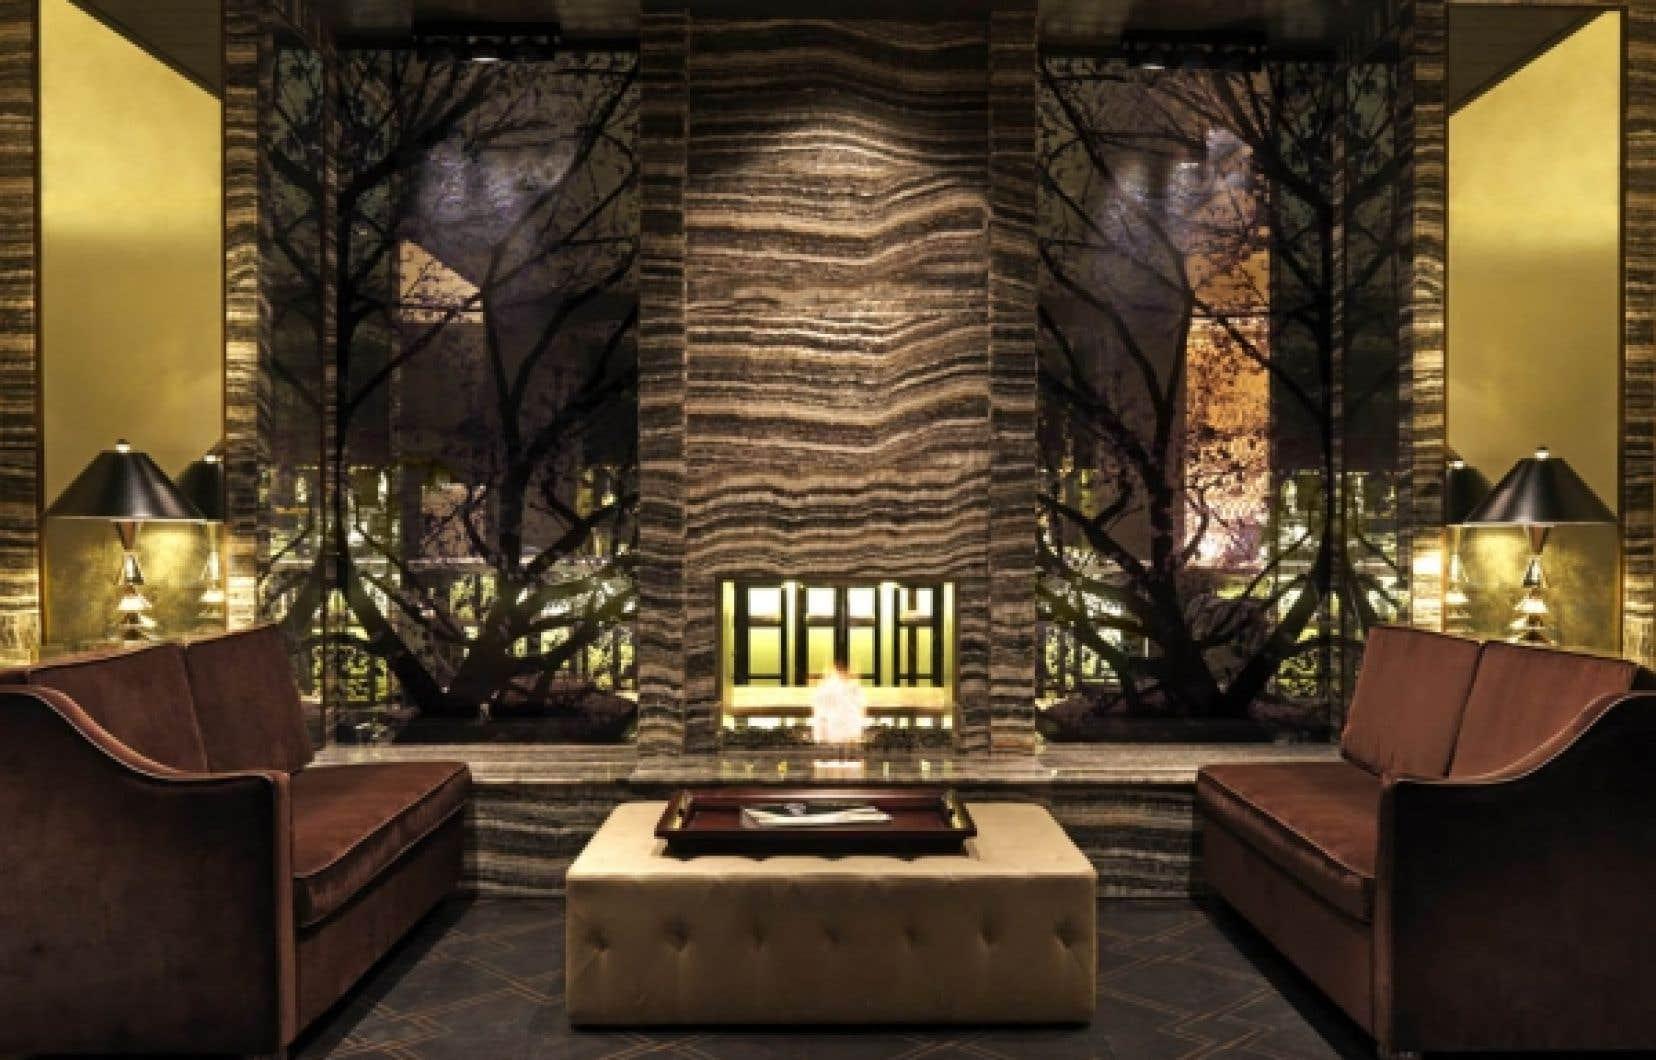 Le très luxueux Loden s'affirme d'entrée de jeu avec un hall décoré par des jeux de miroirs ombragés et un faux foyer de marbre. Une ambiance très masculine qui caractérise l'établissement jusque dans les fragrances des savonnettes.